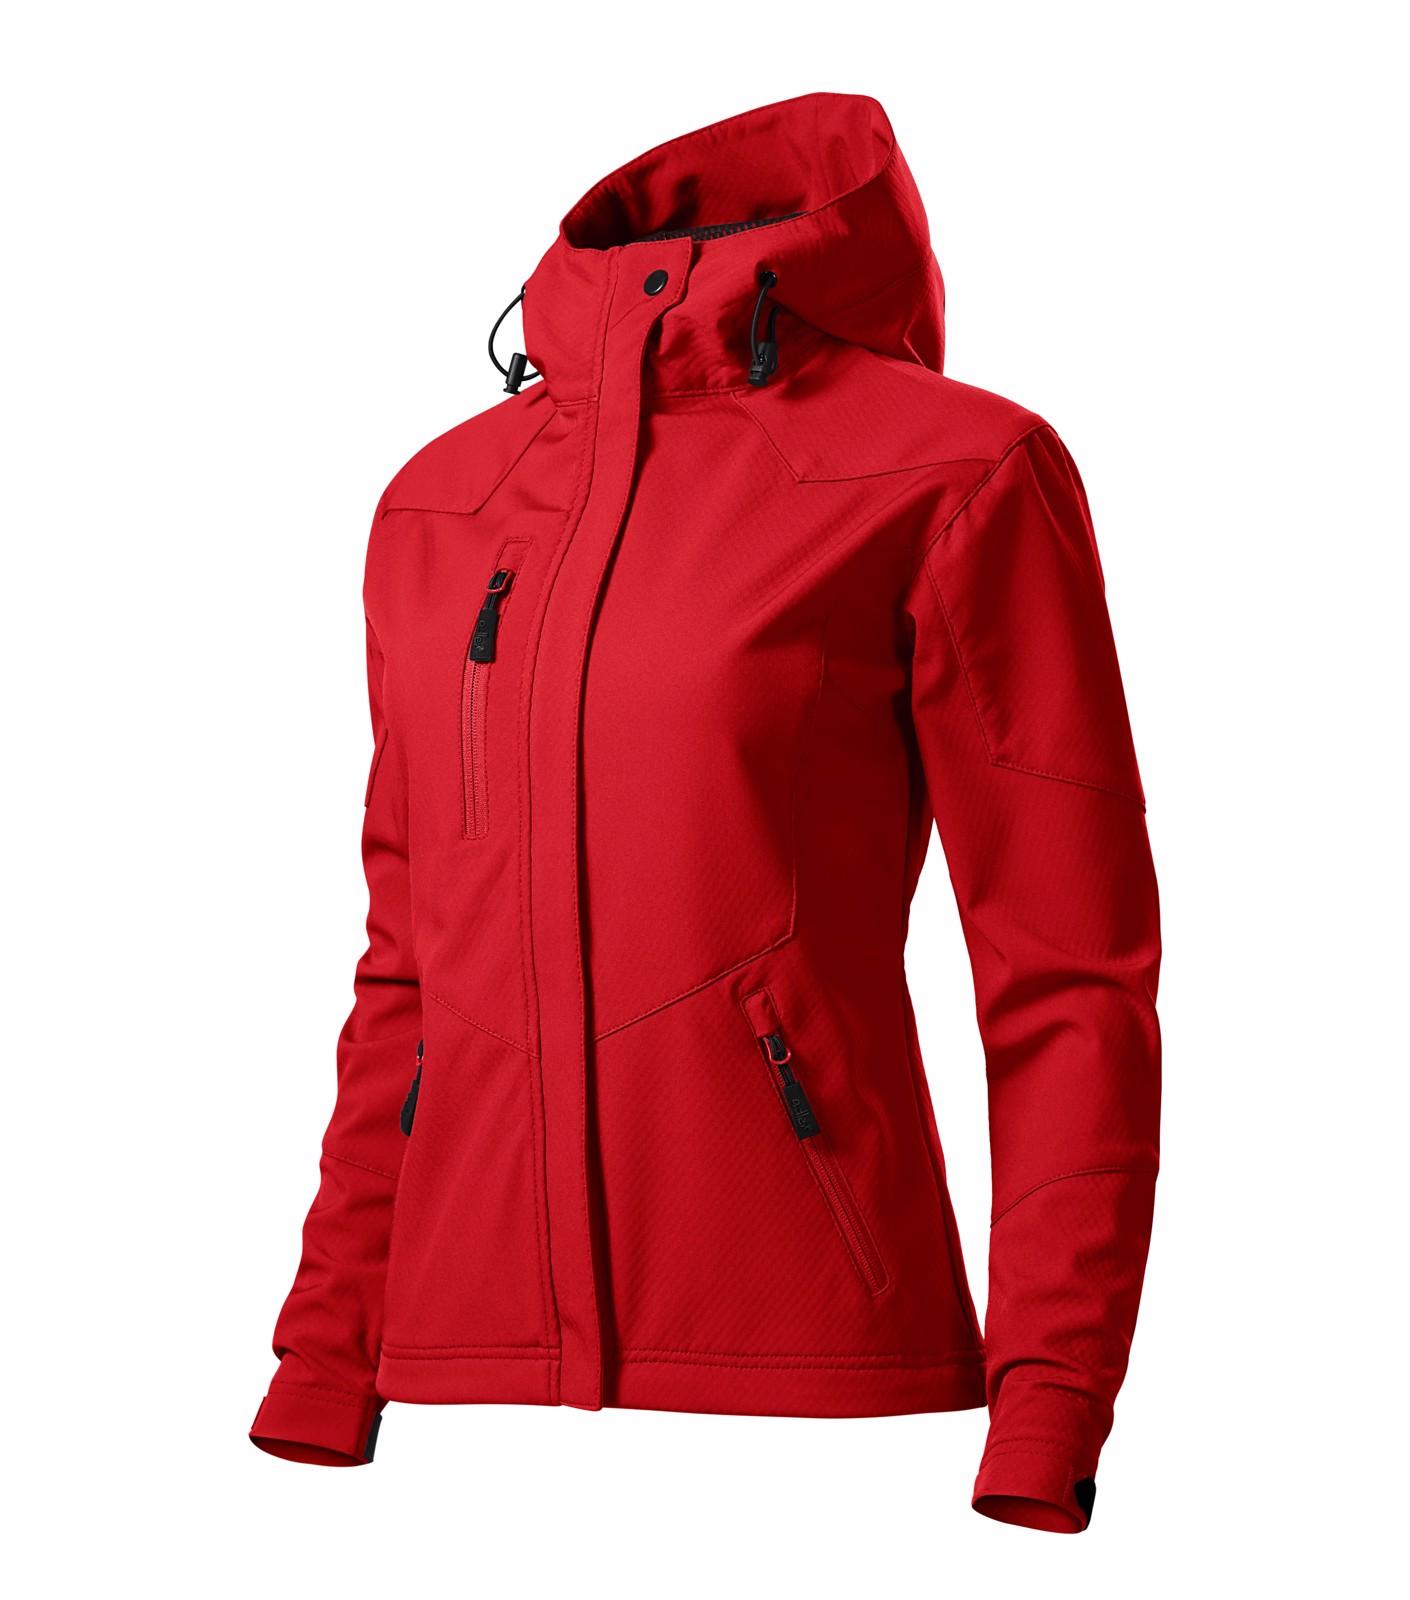 Softshellová bunda dámská Malfini Nano - Červená / 2XL